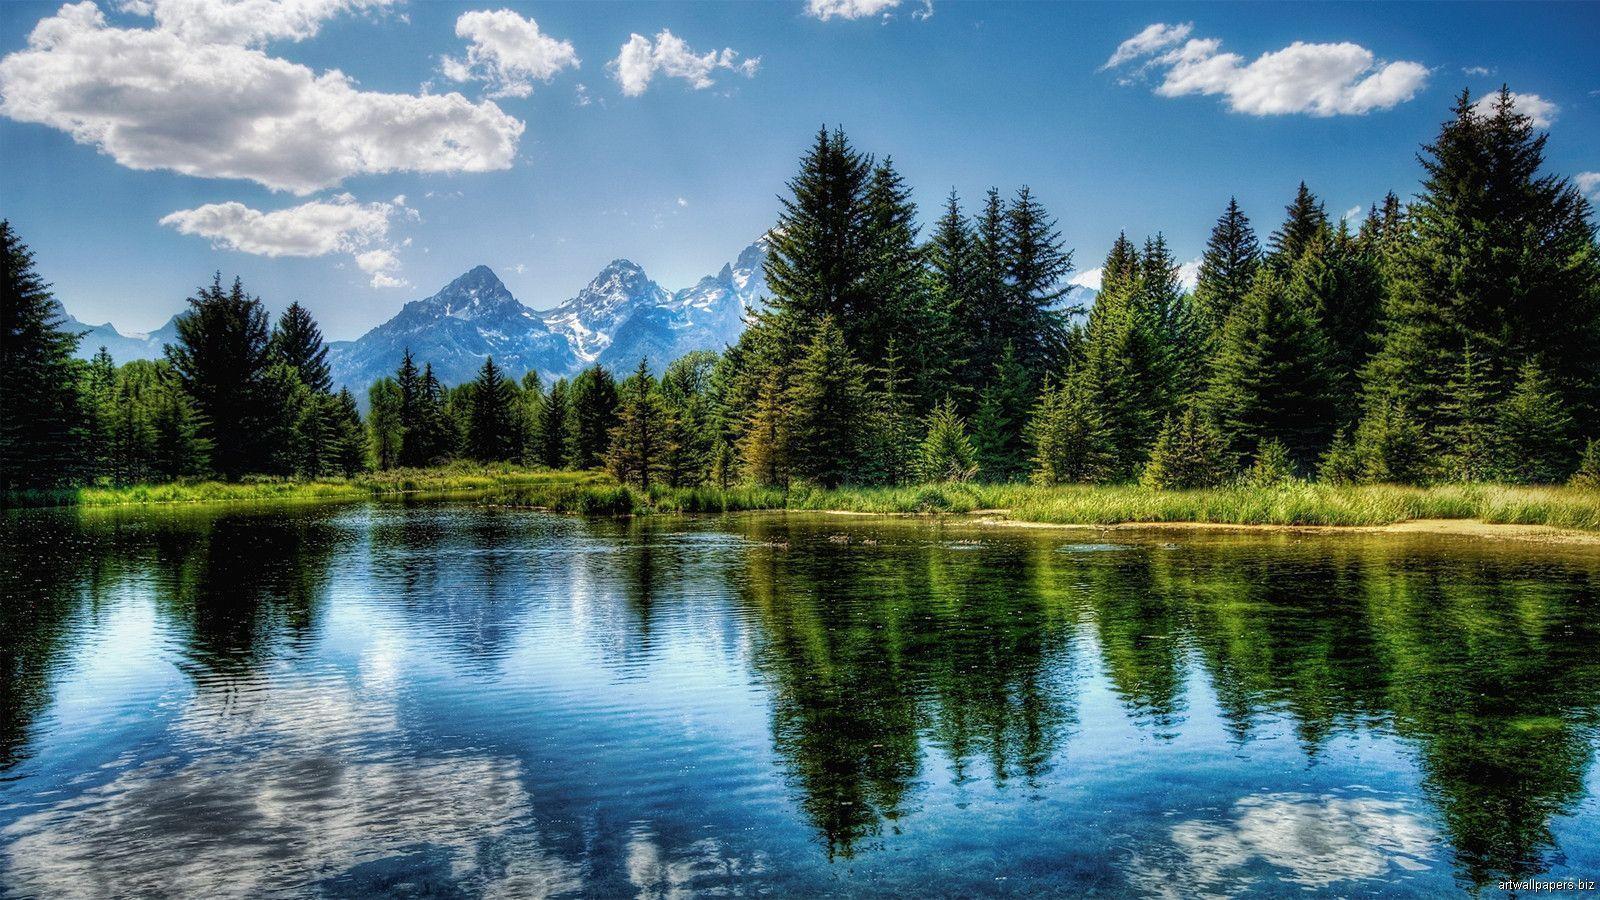 Download 6400 Koleksi Wallpaper Pemandangan Fantasi HD Terbaik